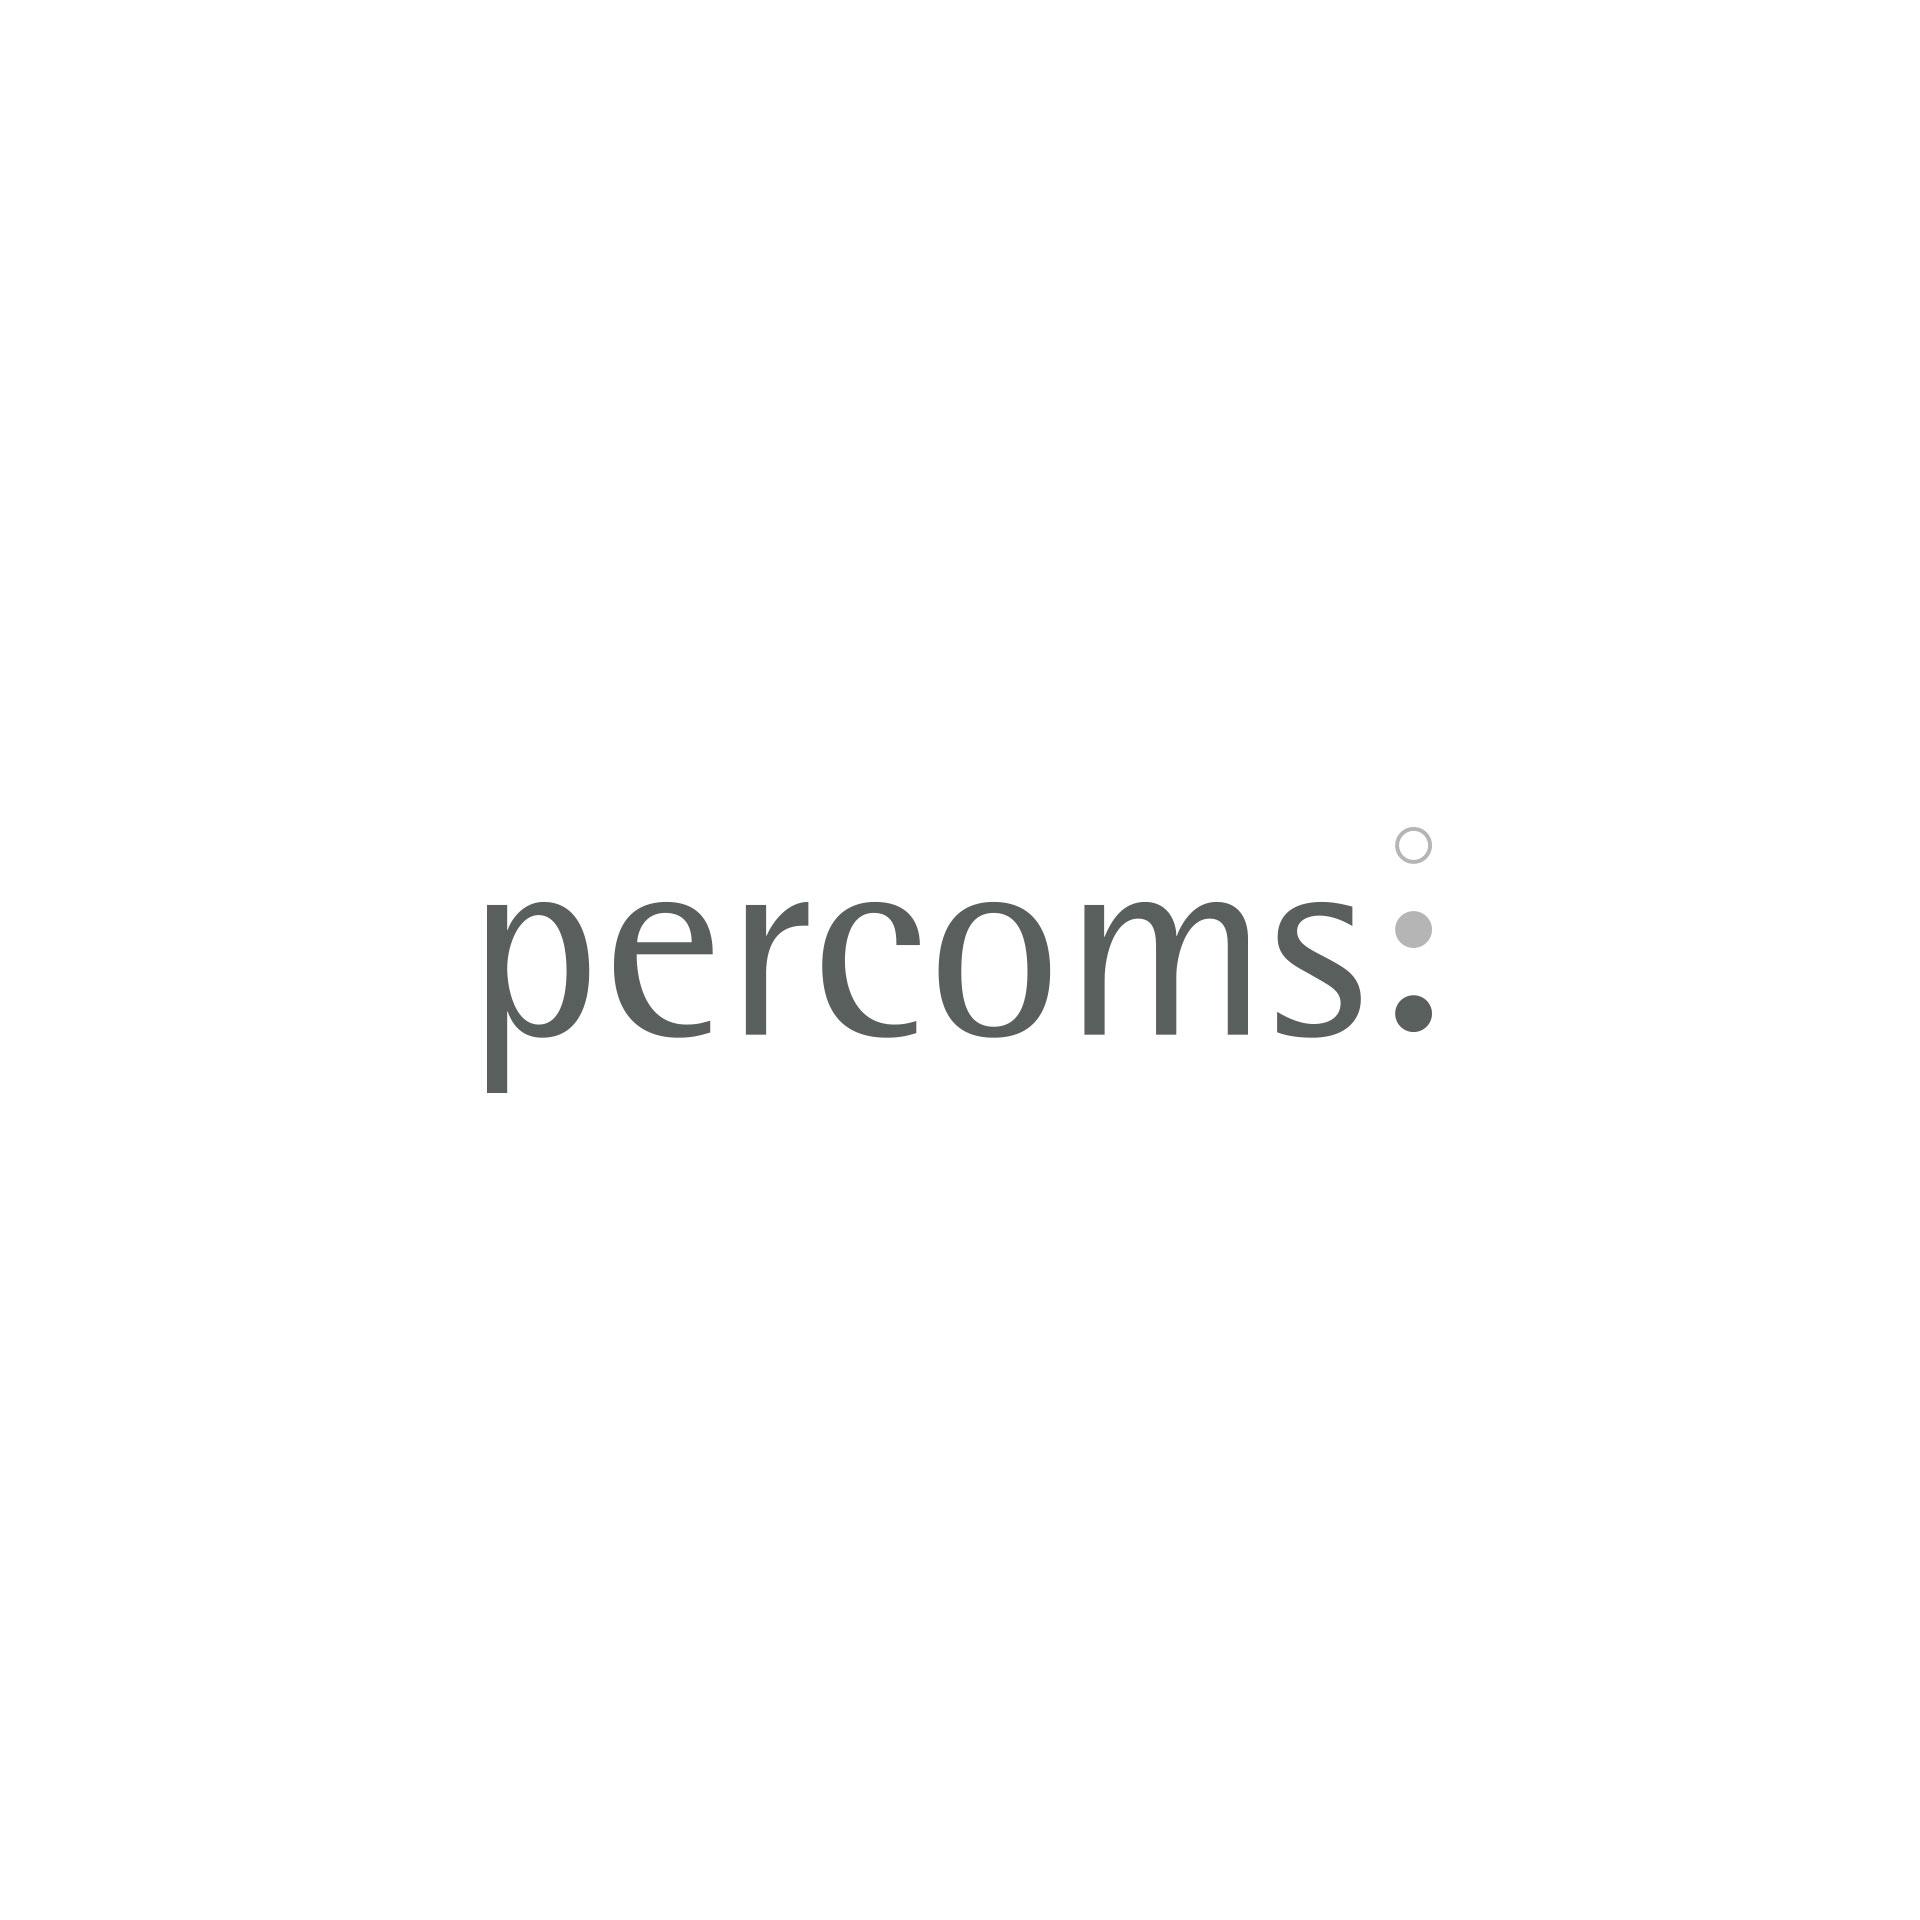 percoms_Logo.jpg